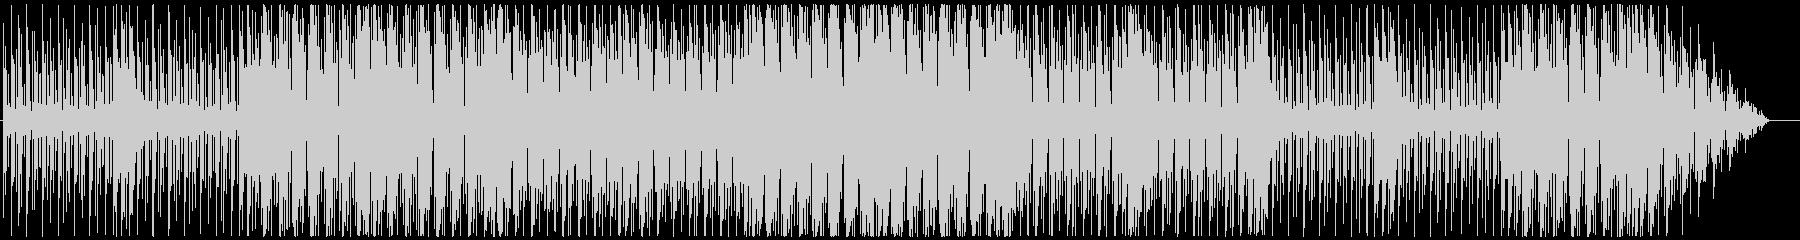 【Loop】ノリのいいメタル調のBGMの未再生の波形